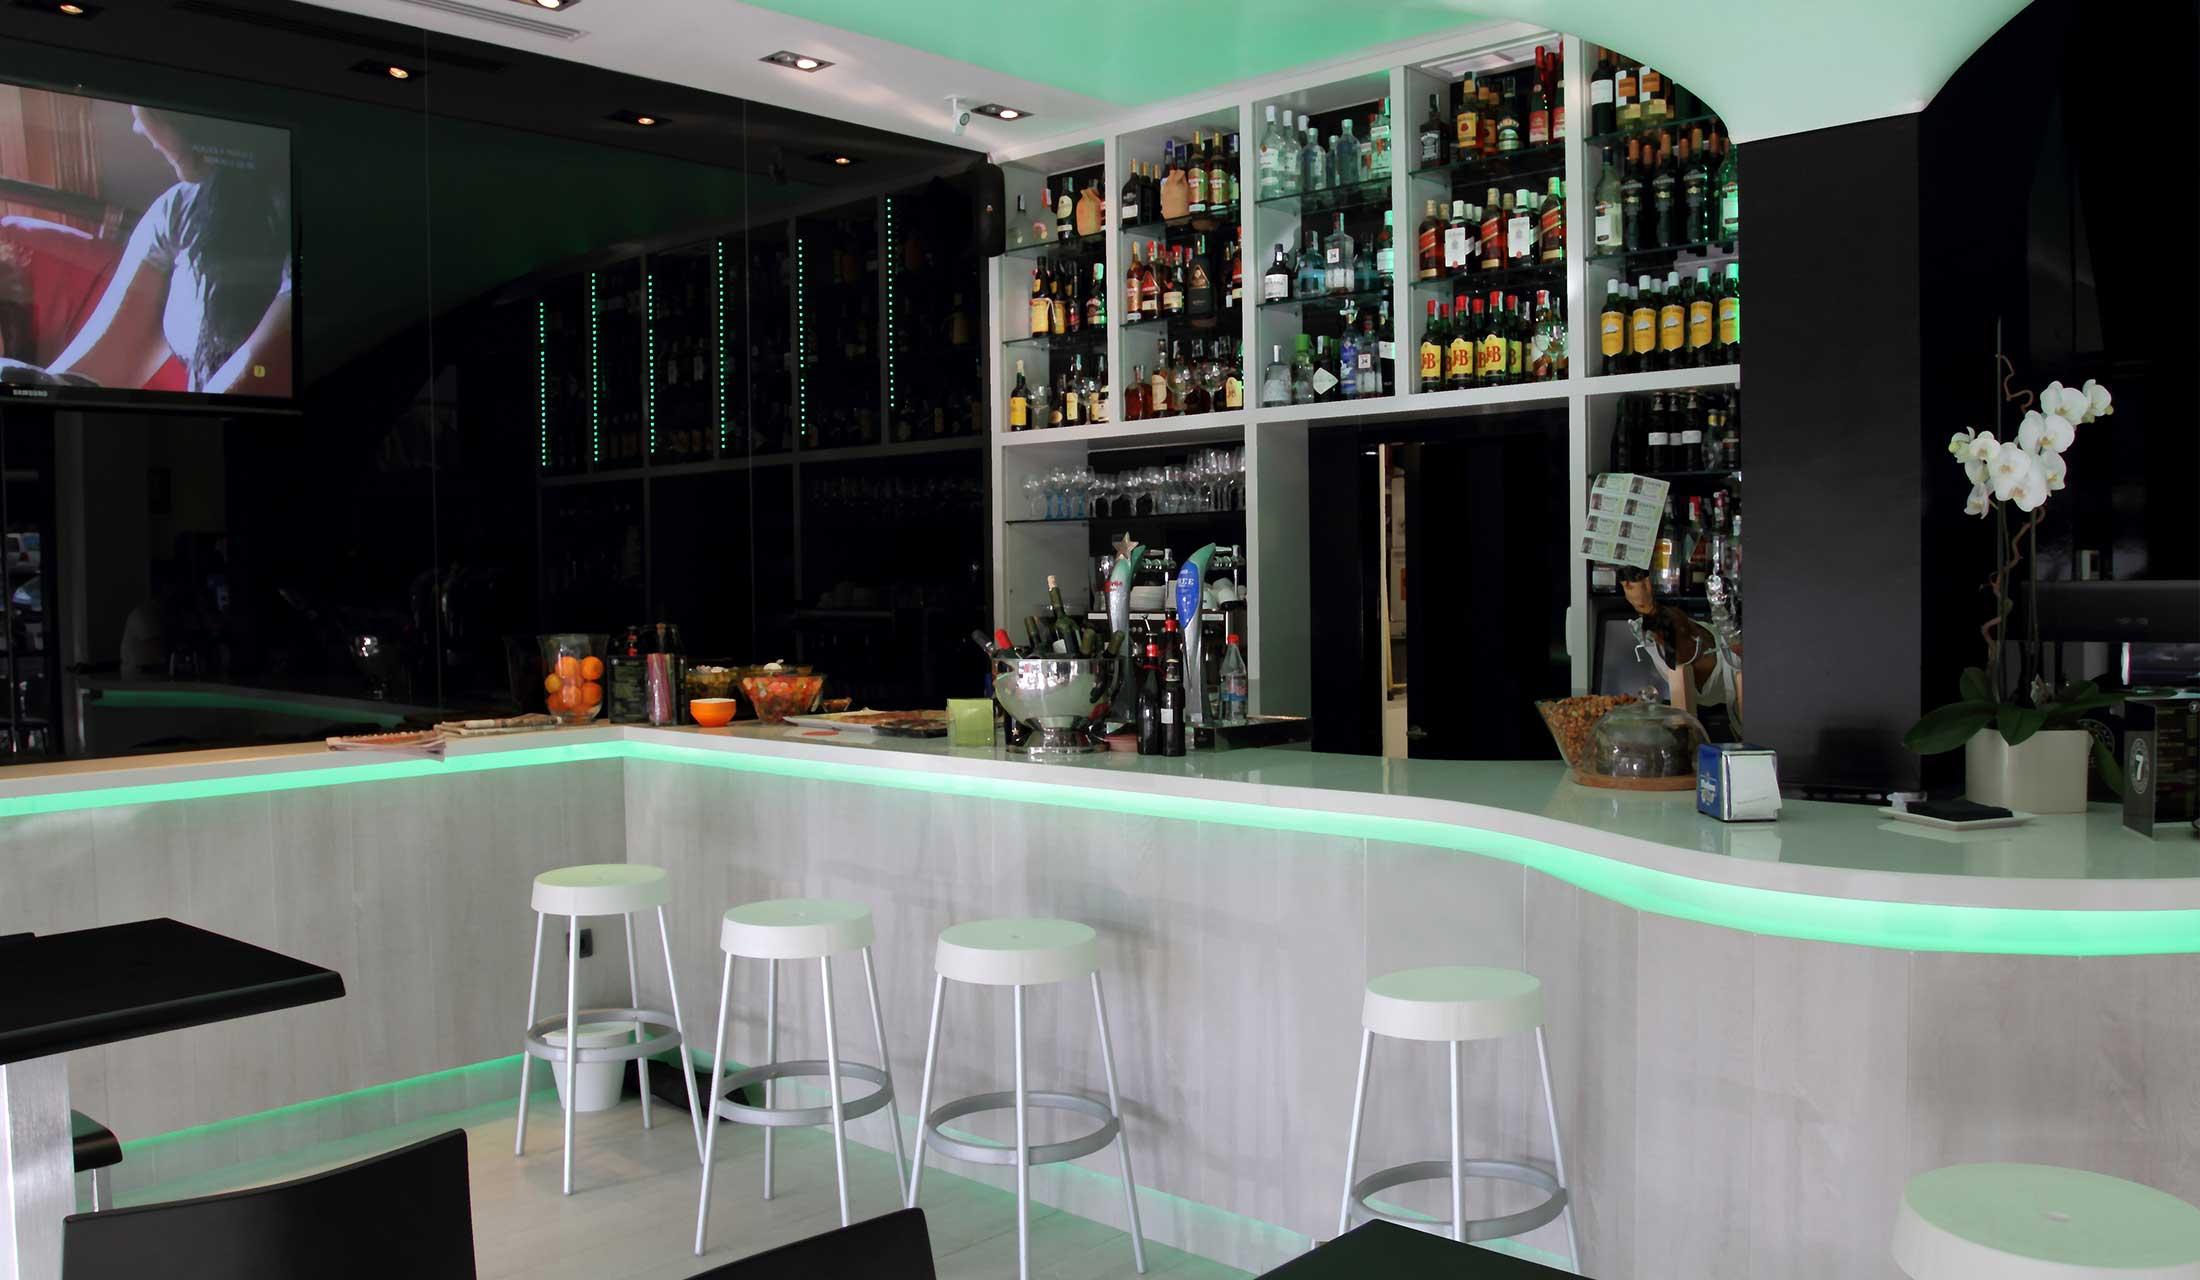 Arredi Bar Moderni arredamento ristorante moderno - progettazione esecuzione